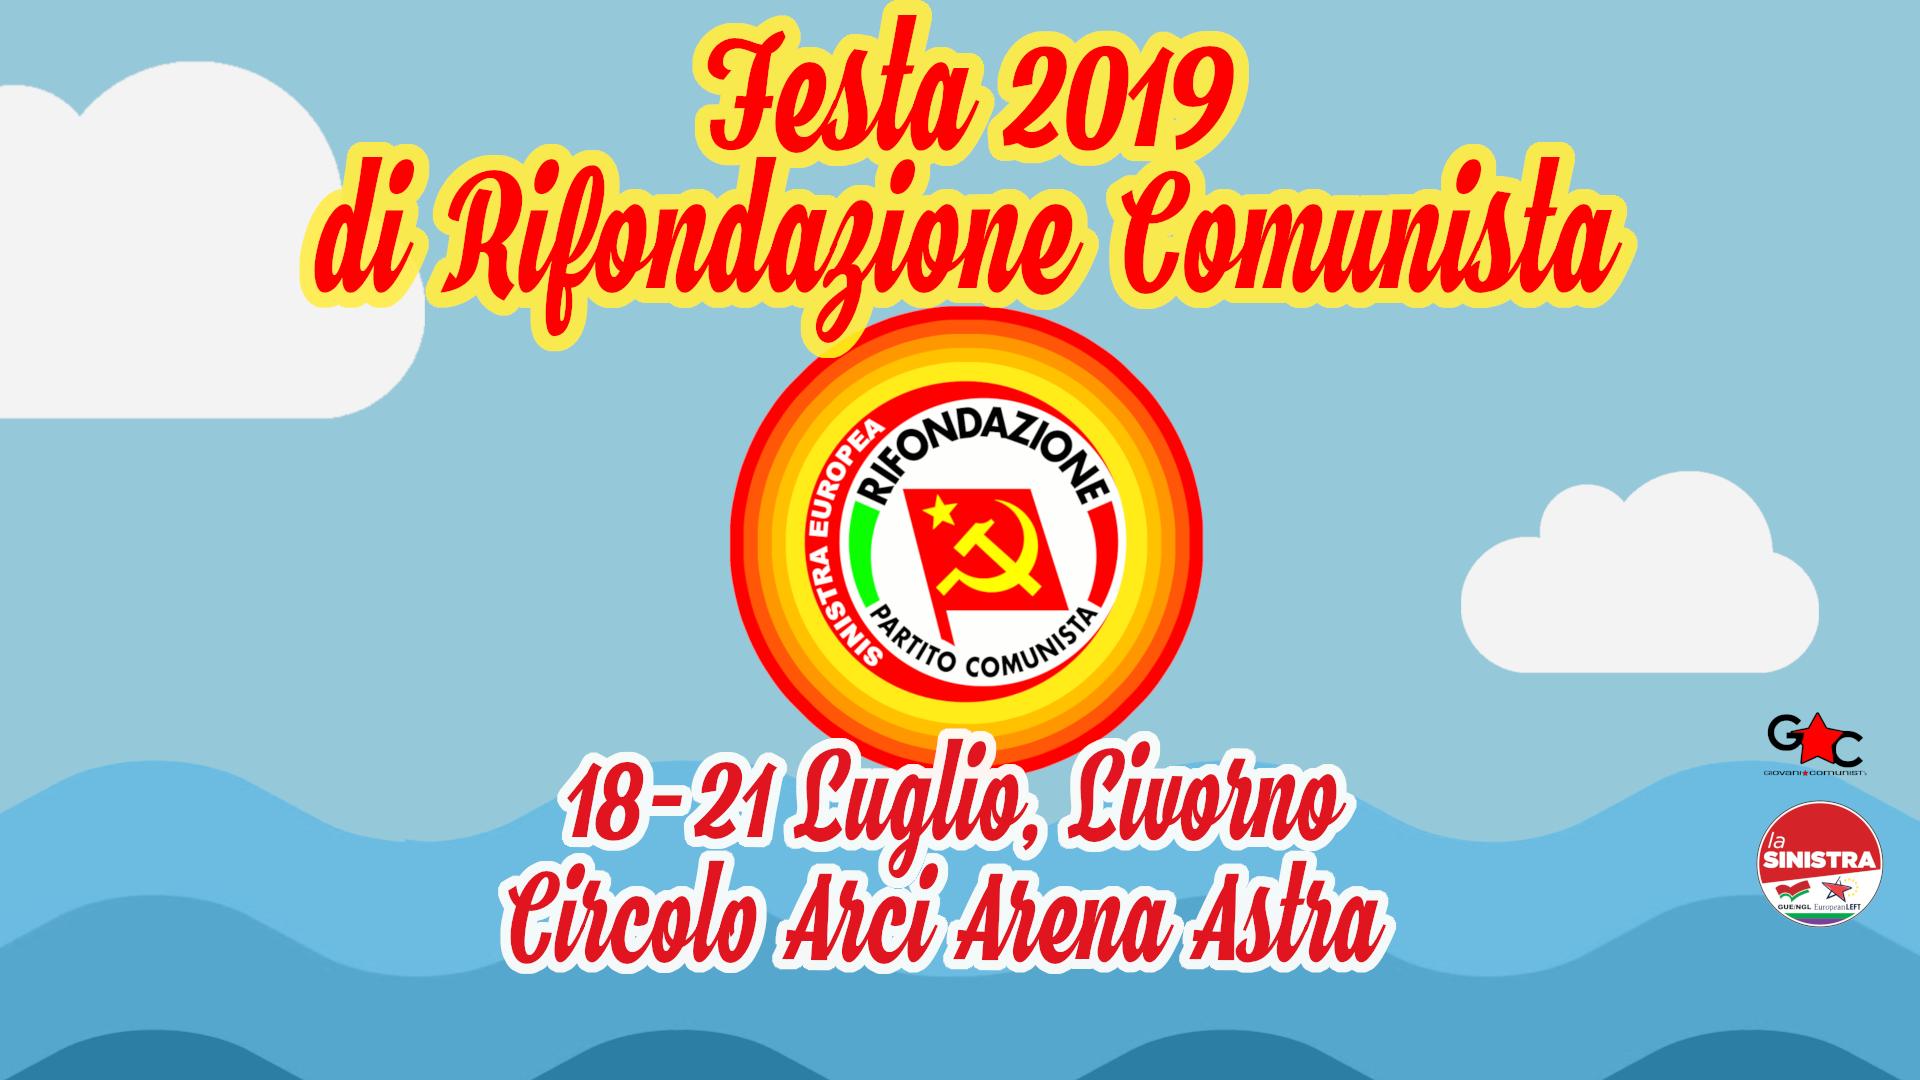 19-21 luglio Festa 2019 di Rifondazione Comunista - Livorno